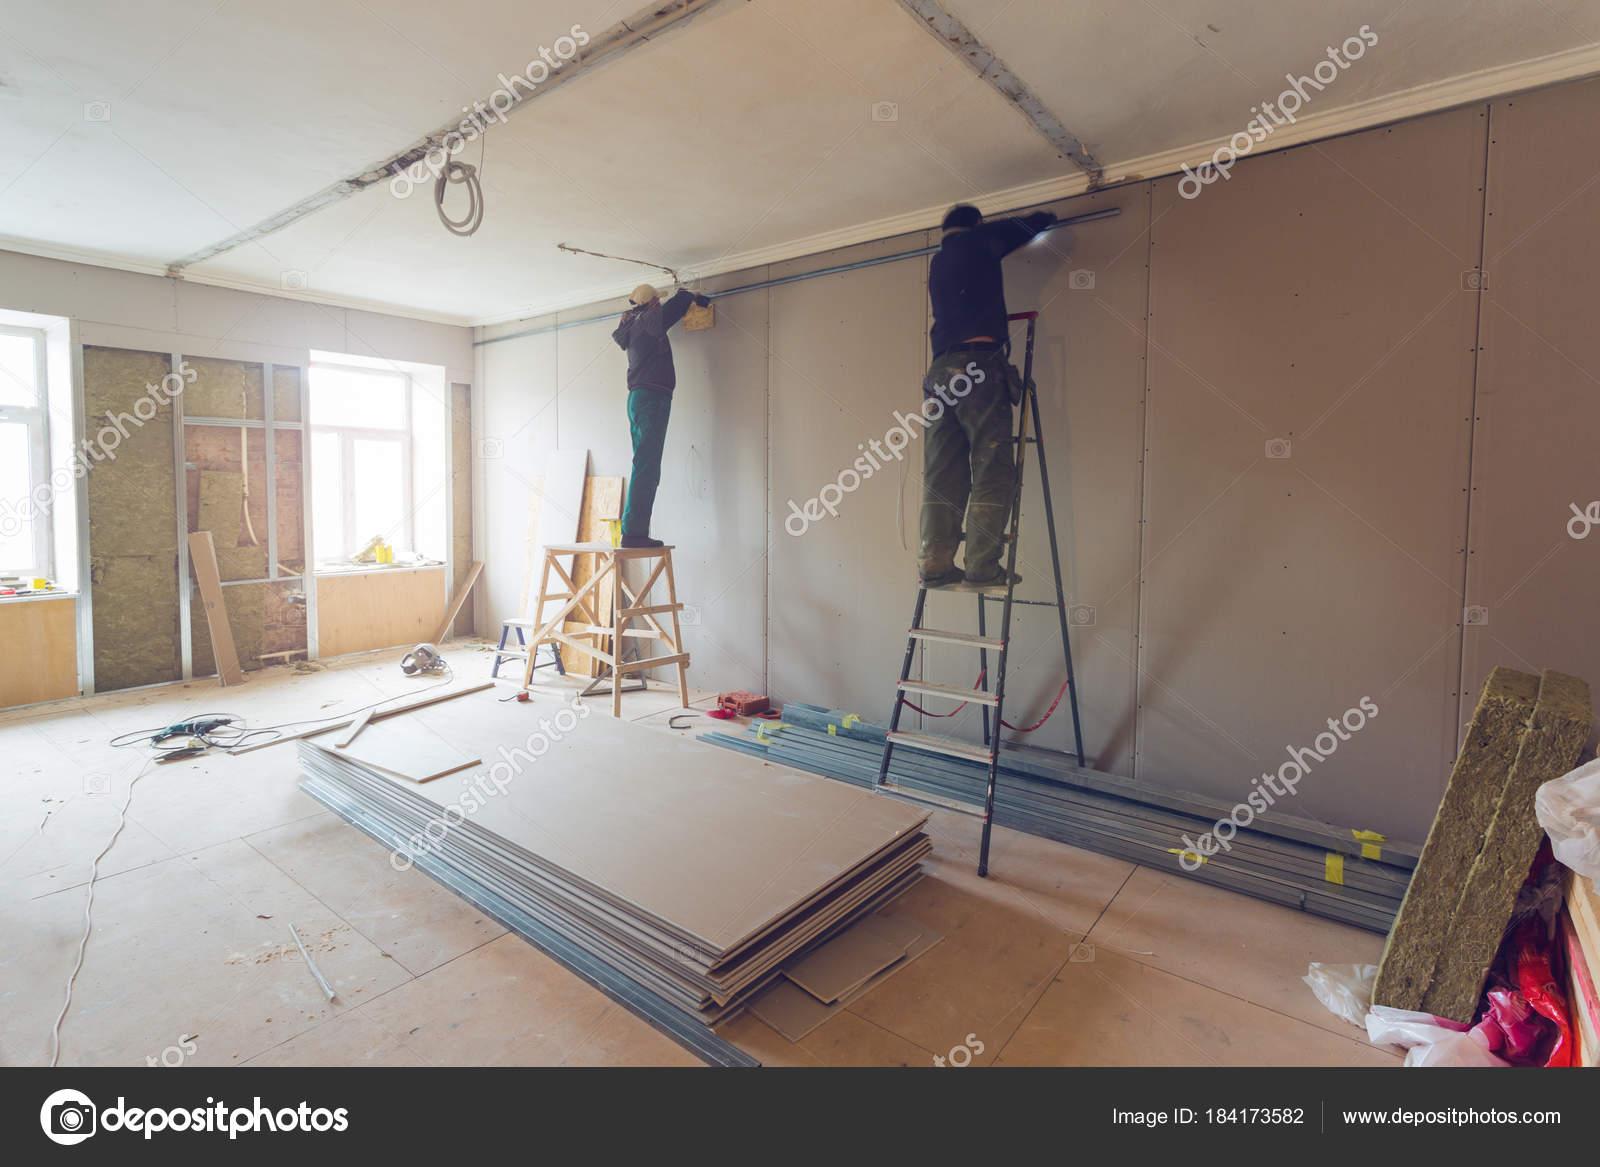 Los Trabajadores Instalar Placas Yeso Drywall Para Paredes Yeso Apartamento  U2014 Foto De Stock